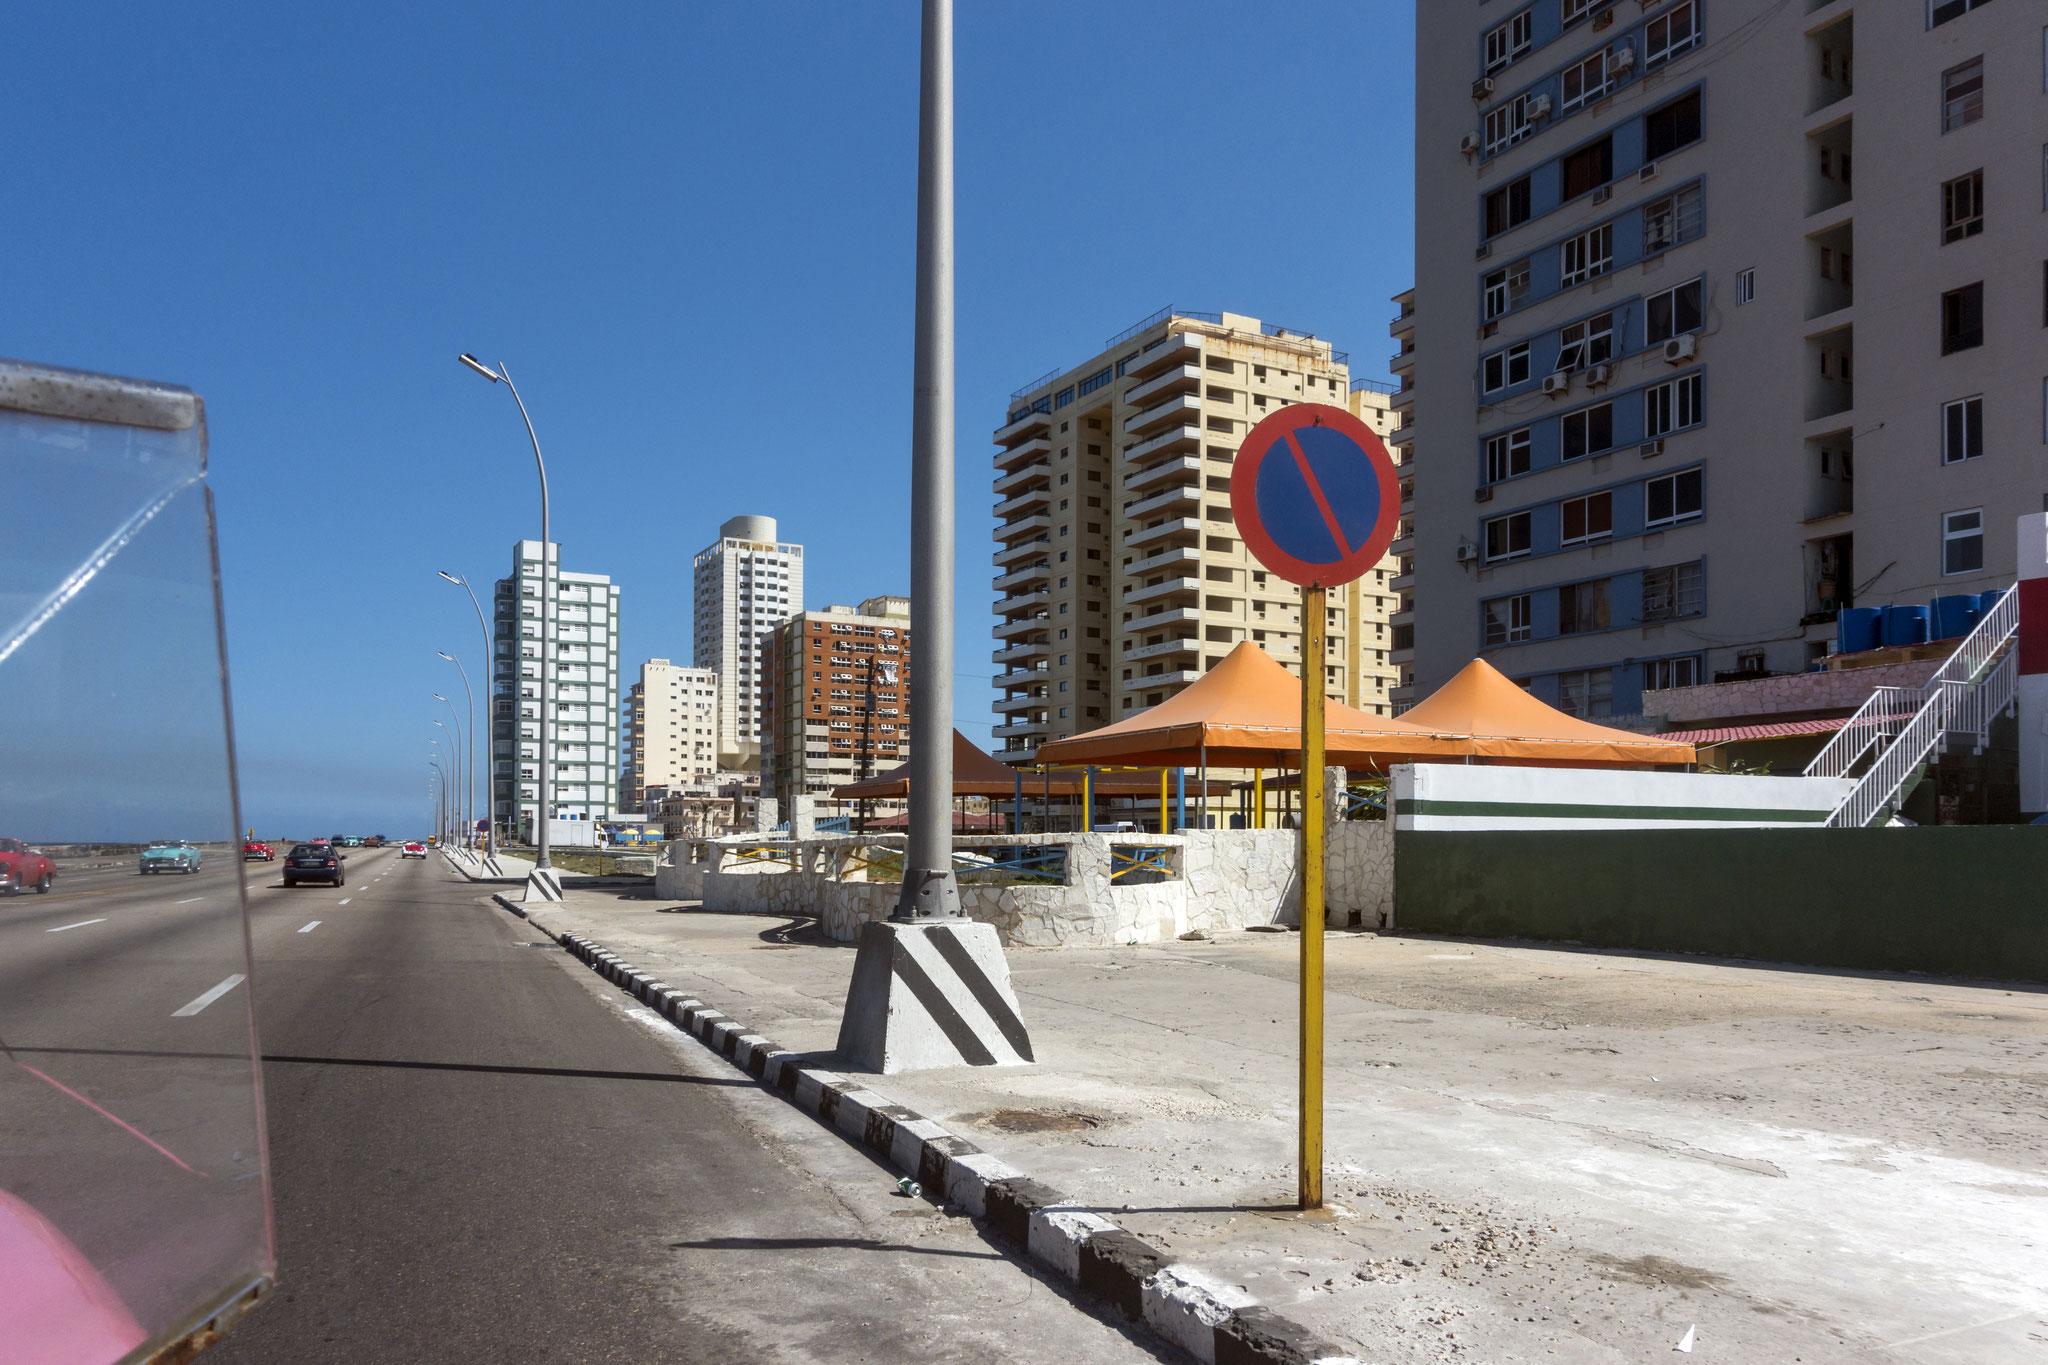 Häuser am Malecón, der Uferstraße in Havanna